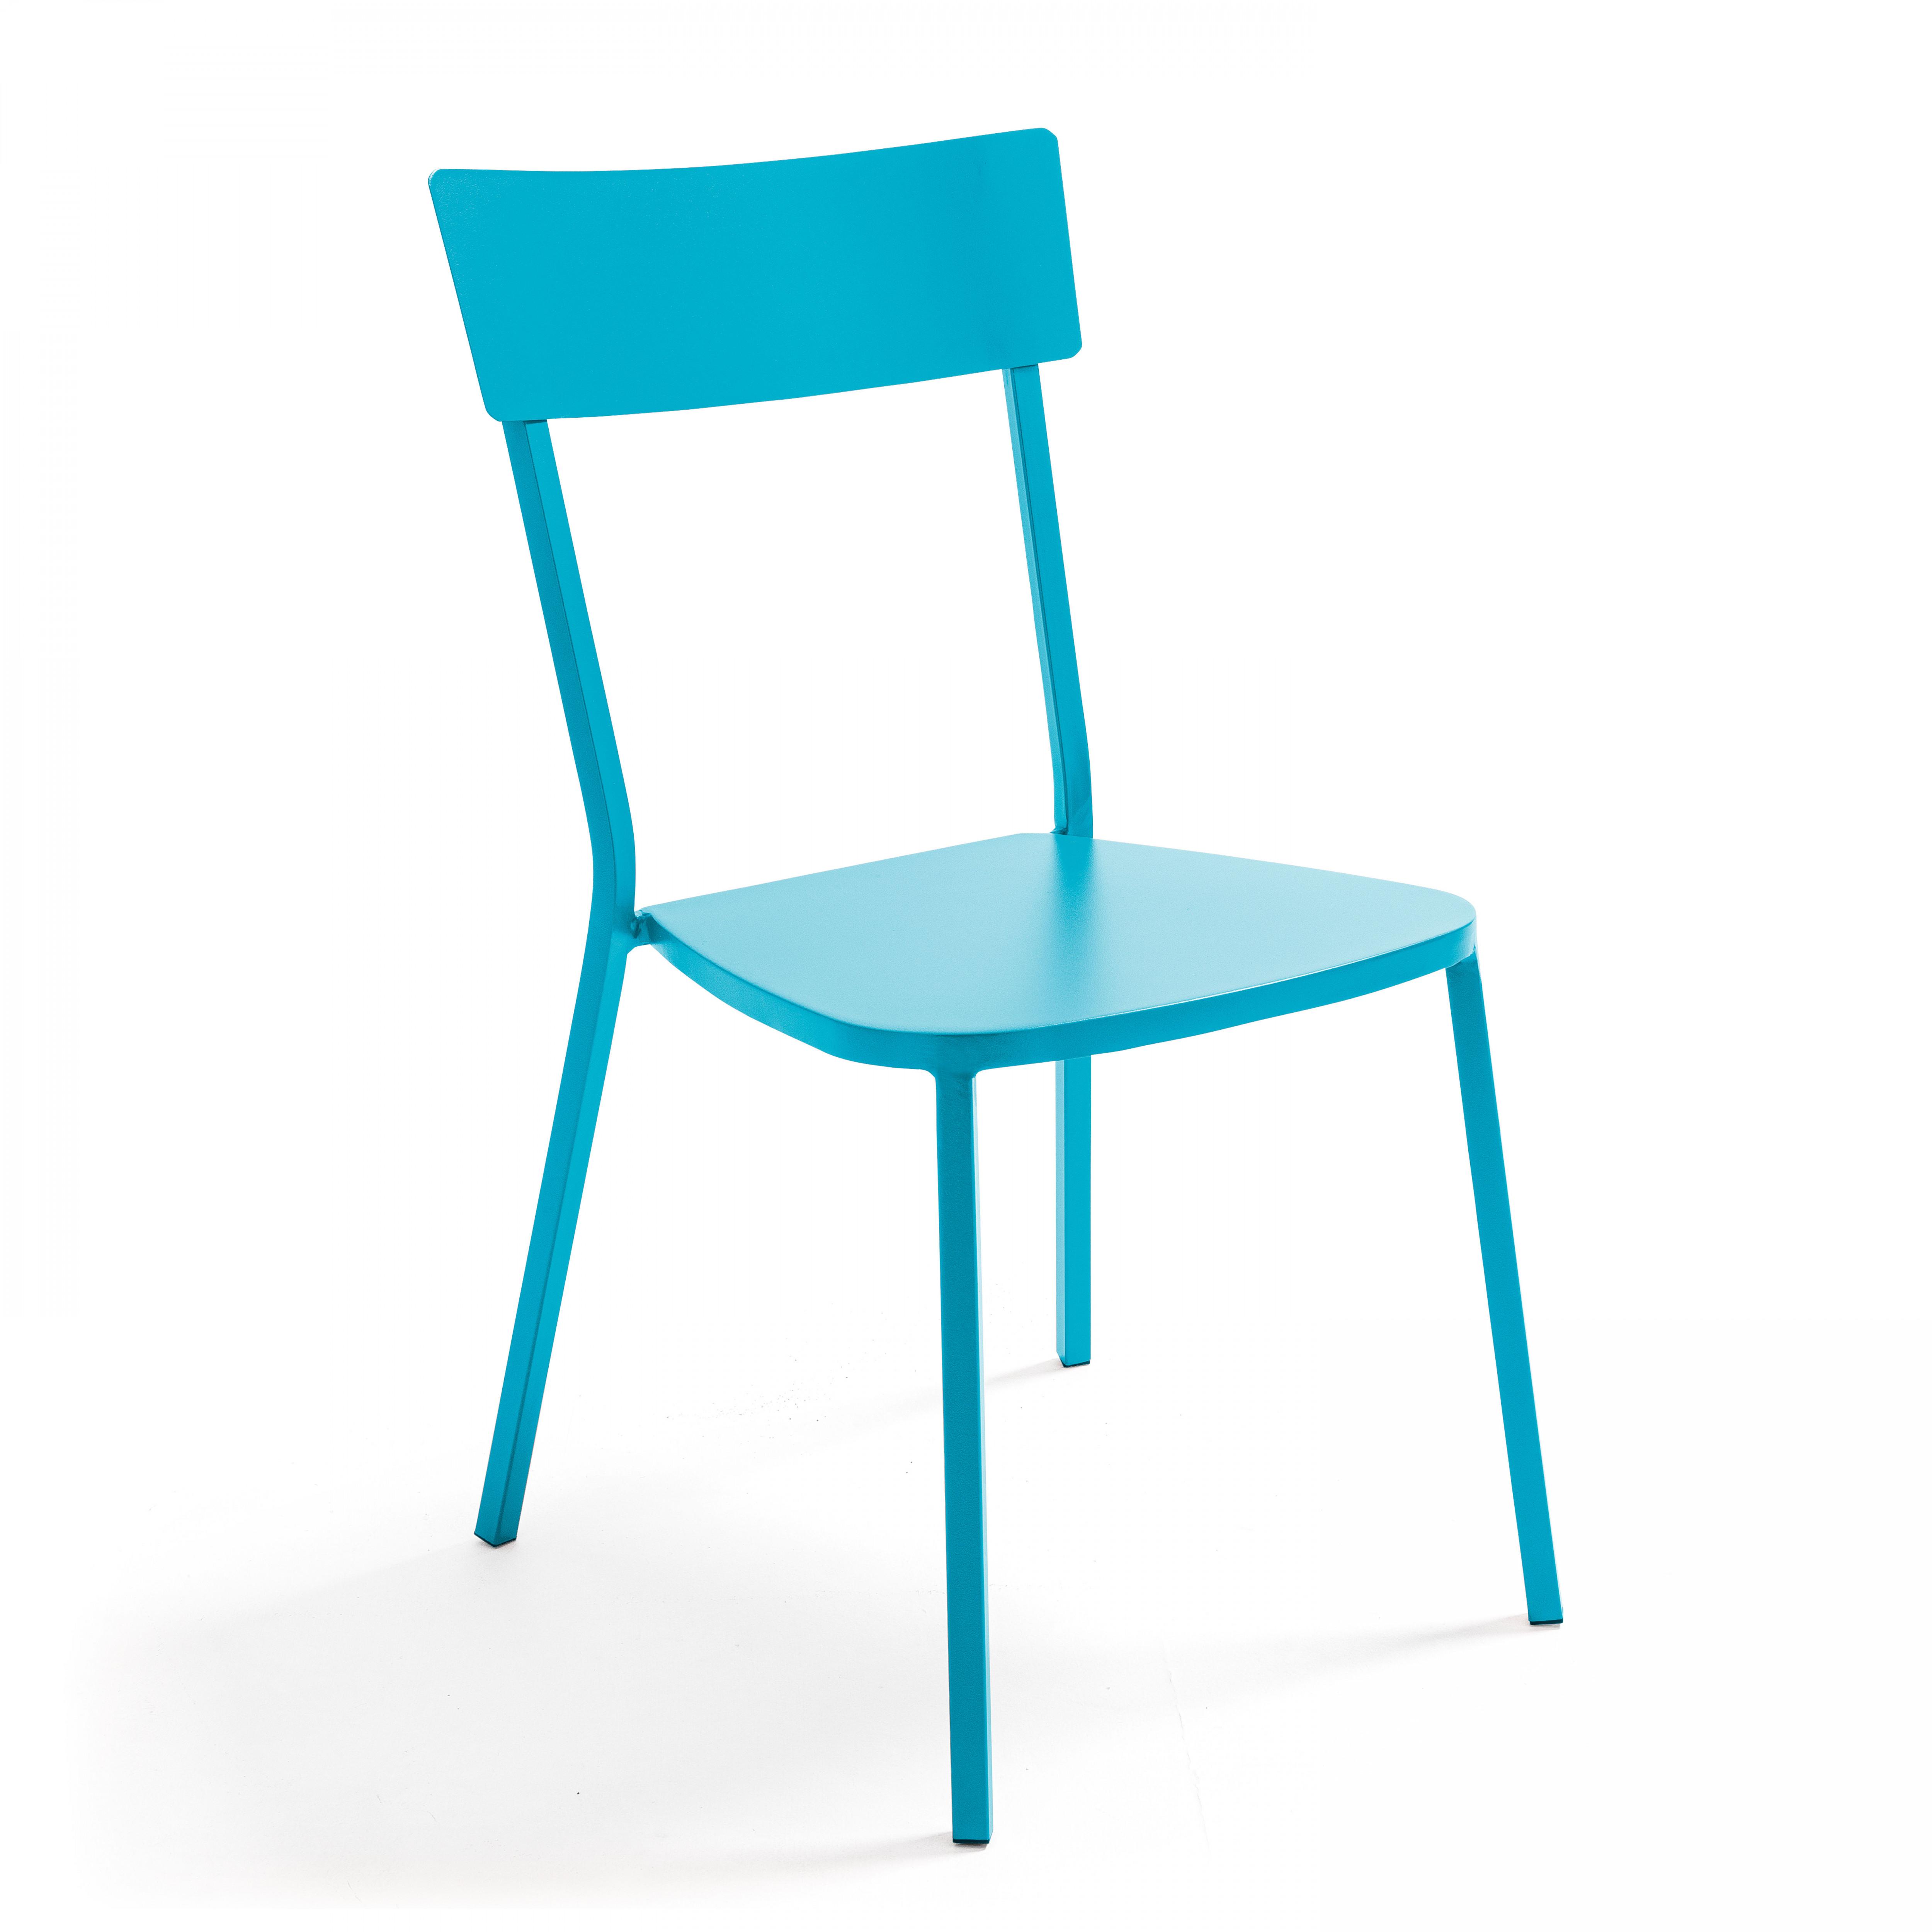 Chaise de jardin bistrot 1 place en acier bleu